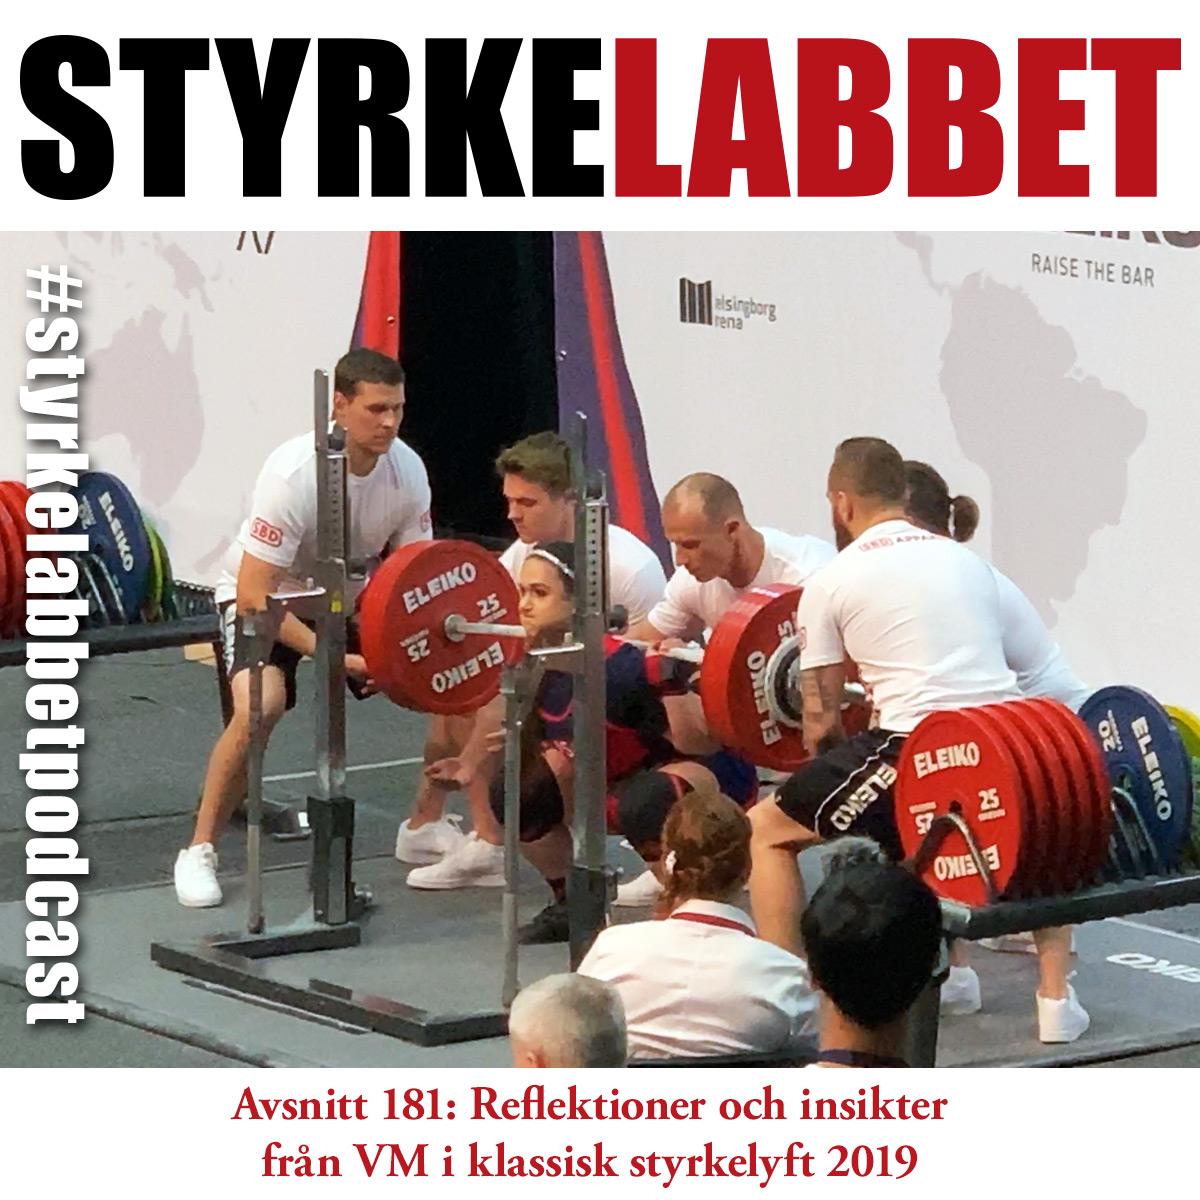 Styrkelabbet avsnitt 181: Reflektioner och insikter från VM i klassisk styrkelyft 2019